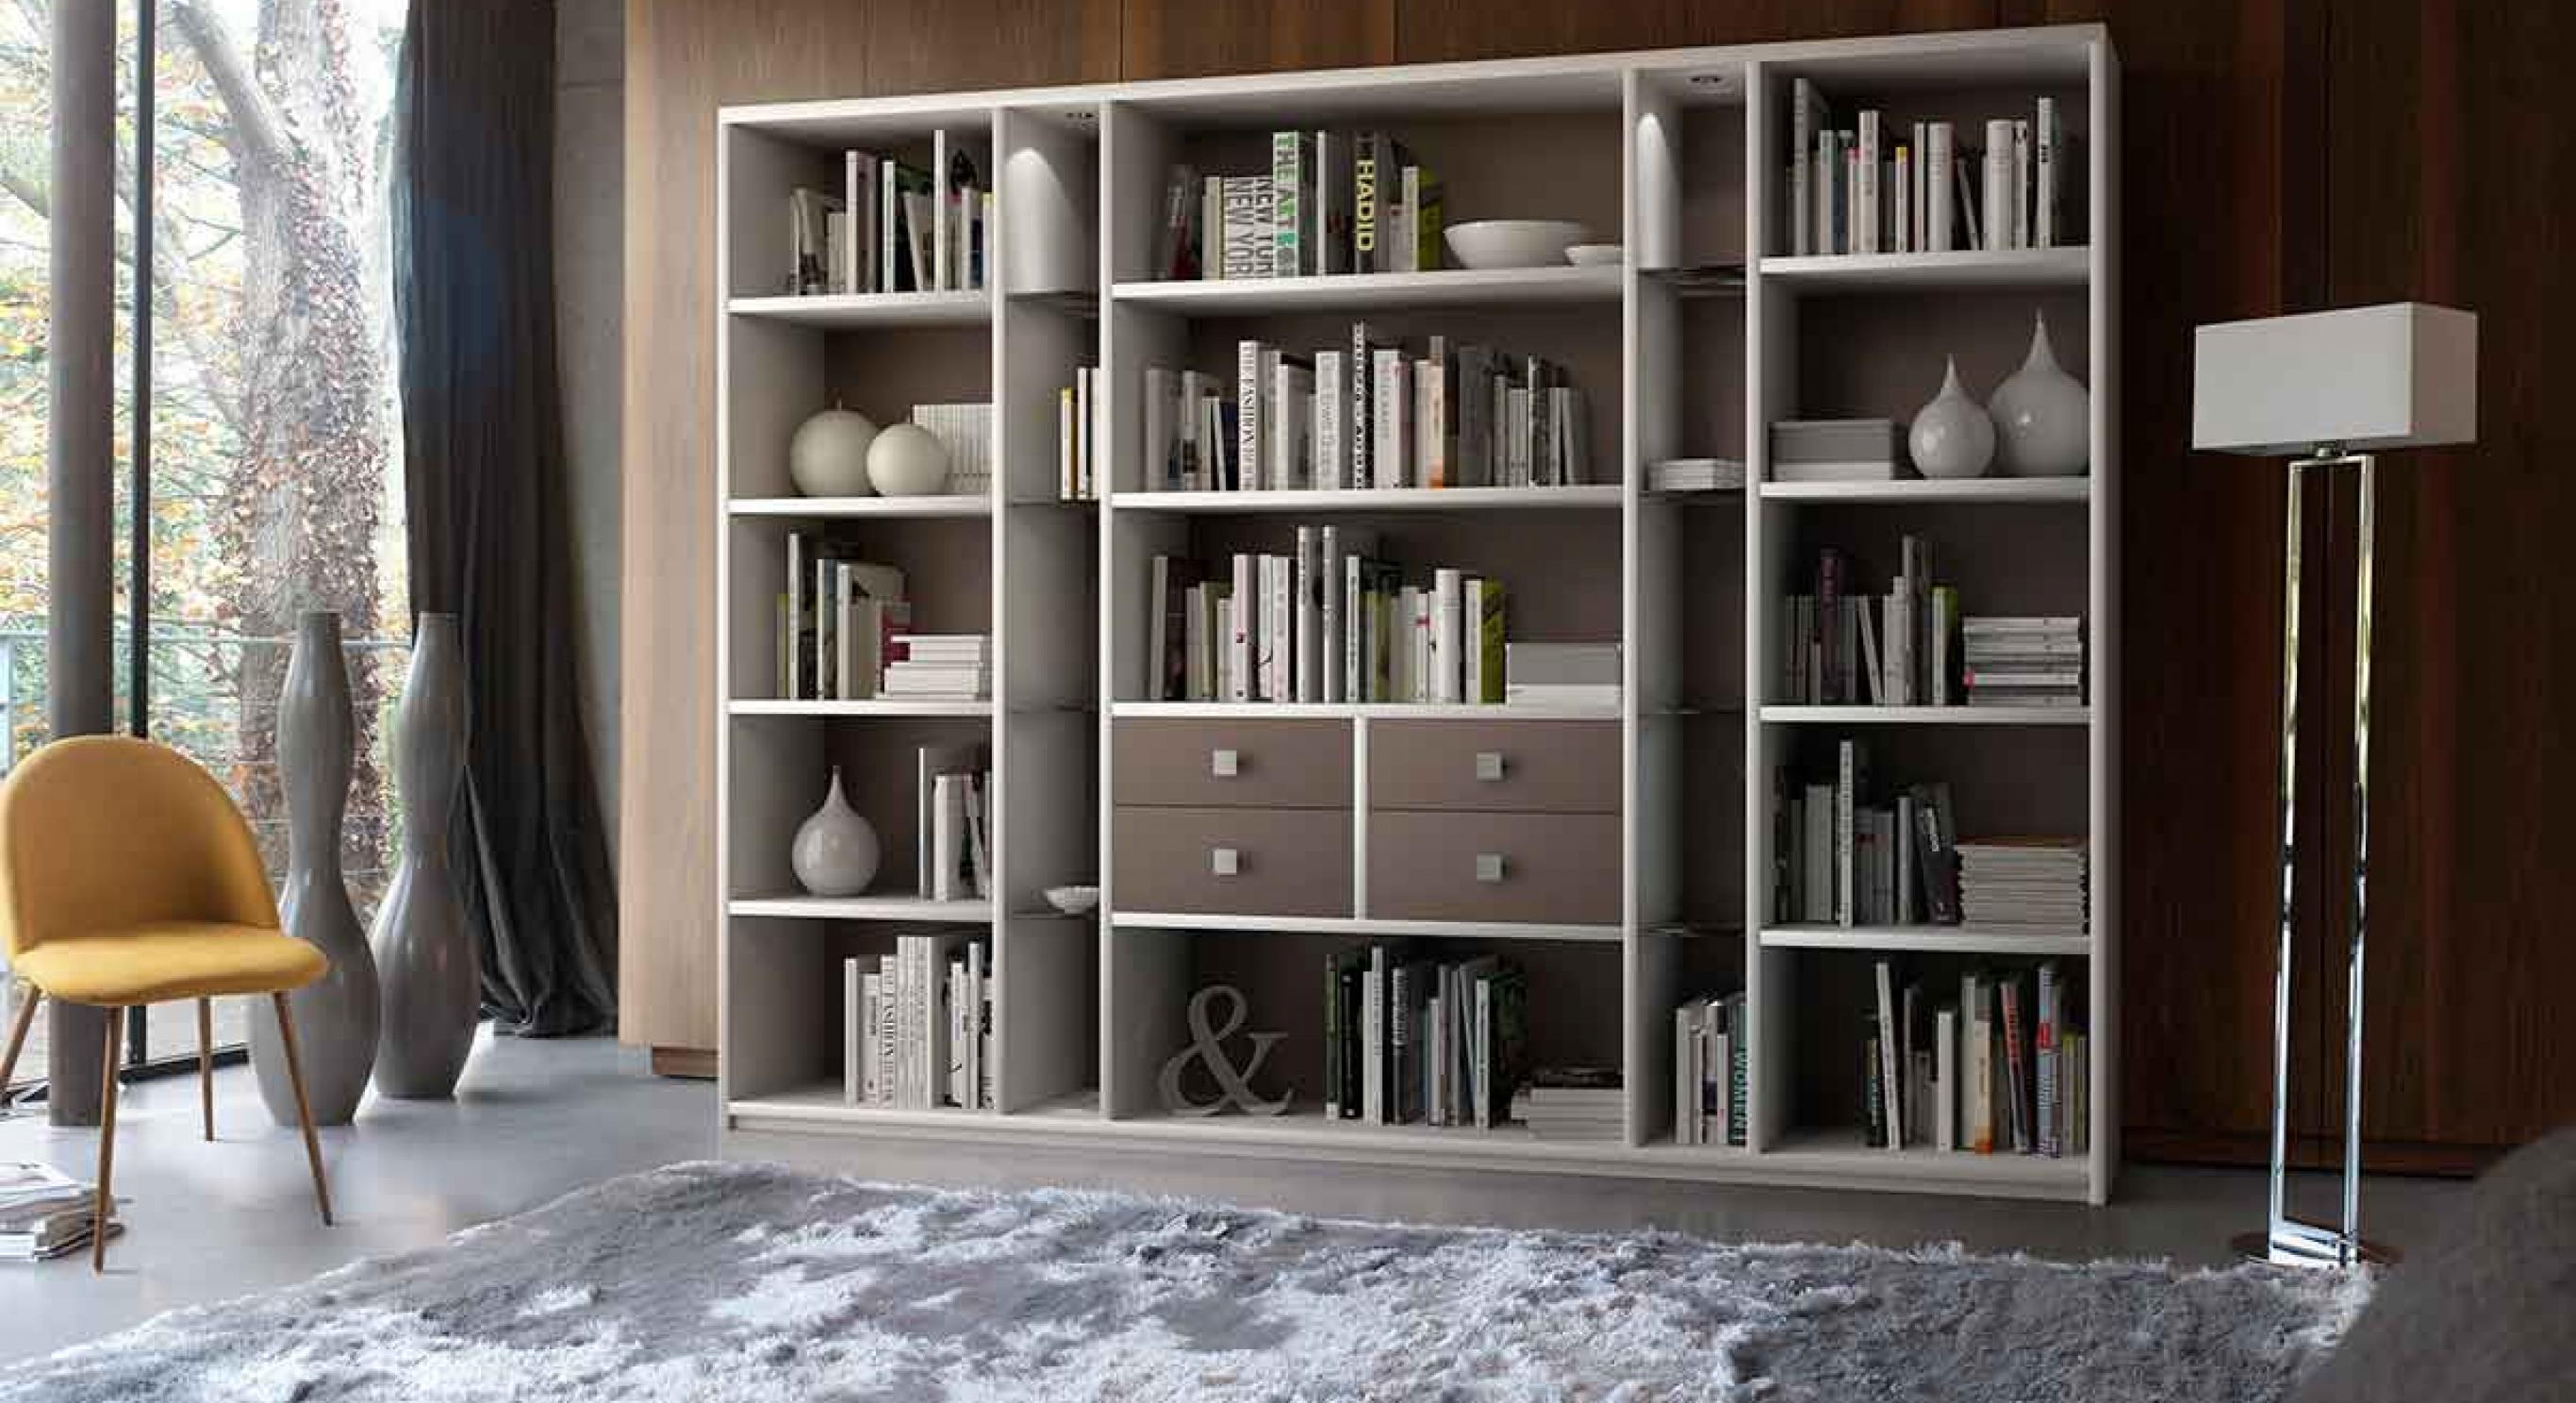 Meuble Tv Bibliothèque Blanc bibliothèques sur-mesure | meubles celio, fabricant français